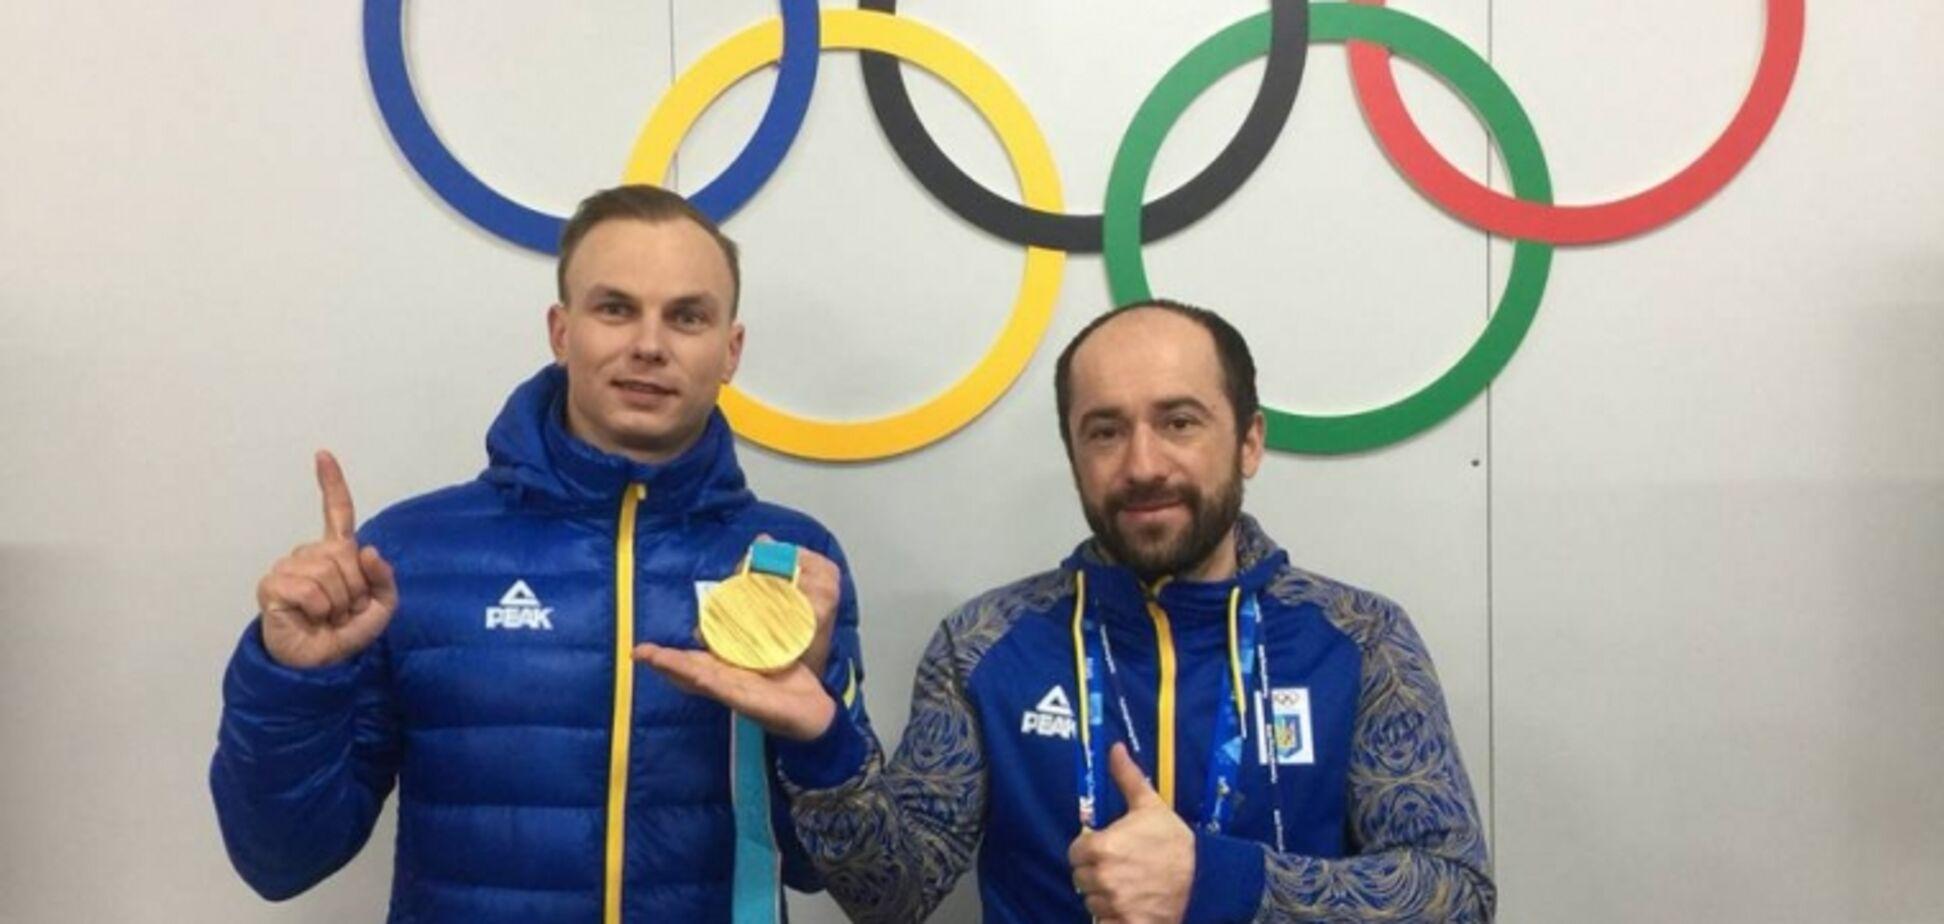 Хотіли переманити: український олімпійський чемпіон відмовився виступати за Росію